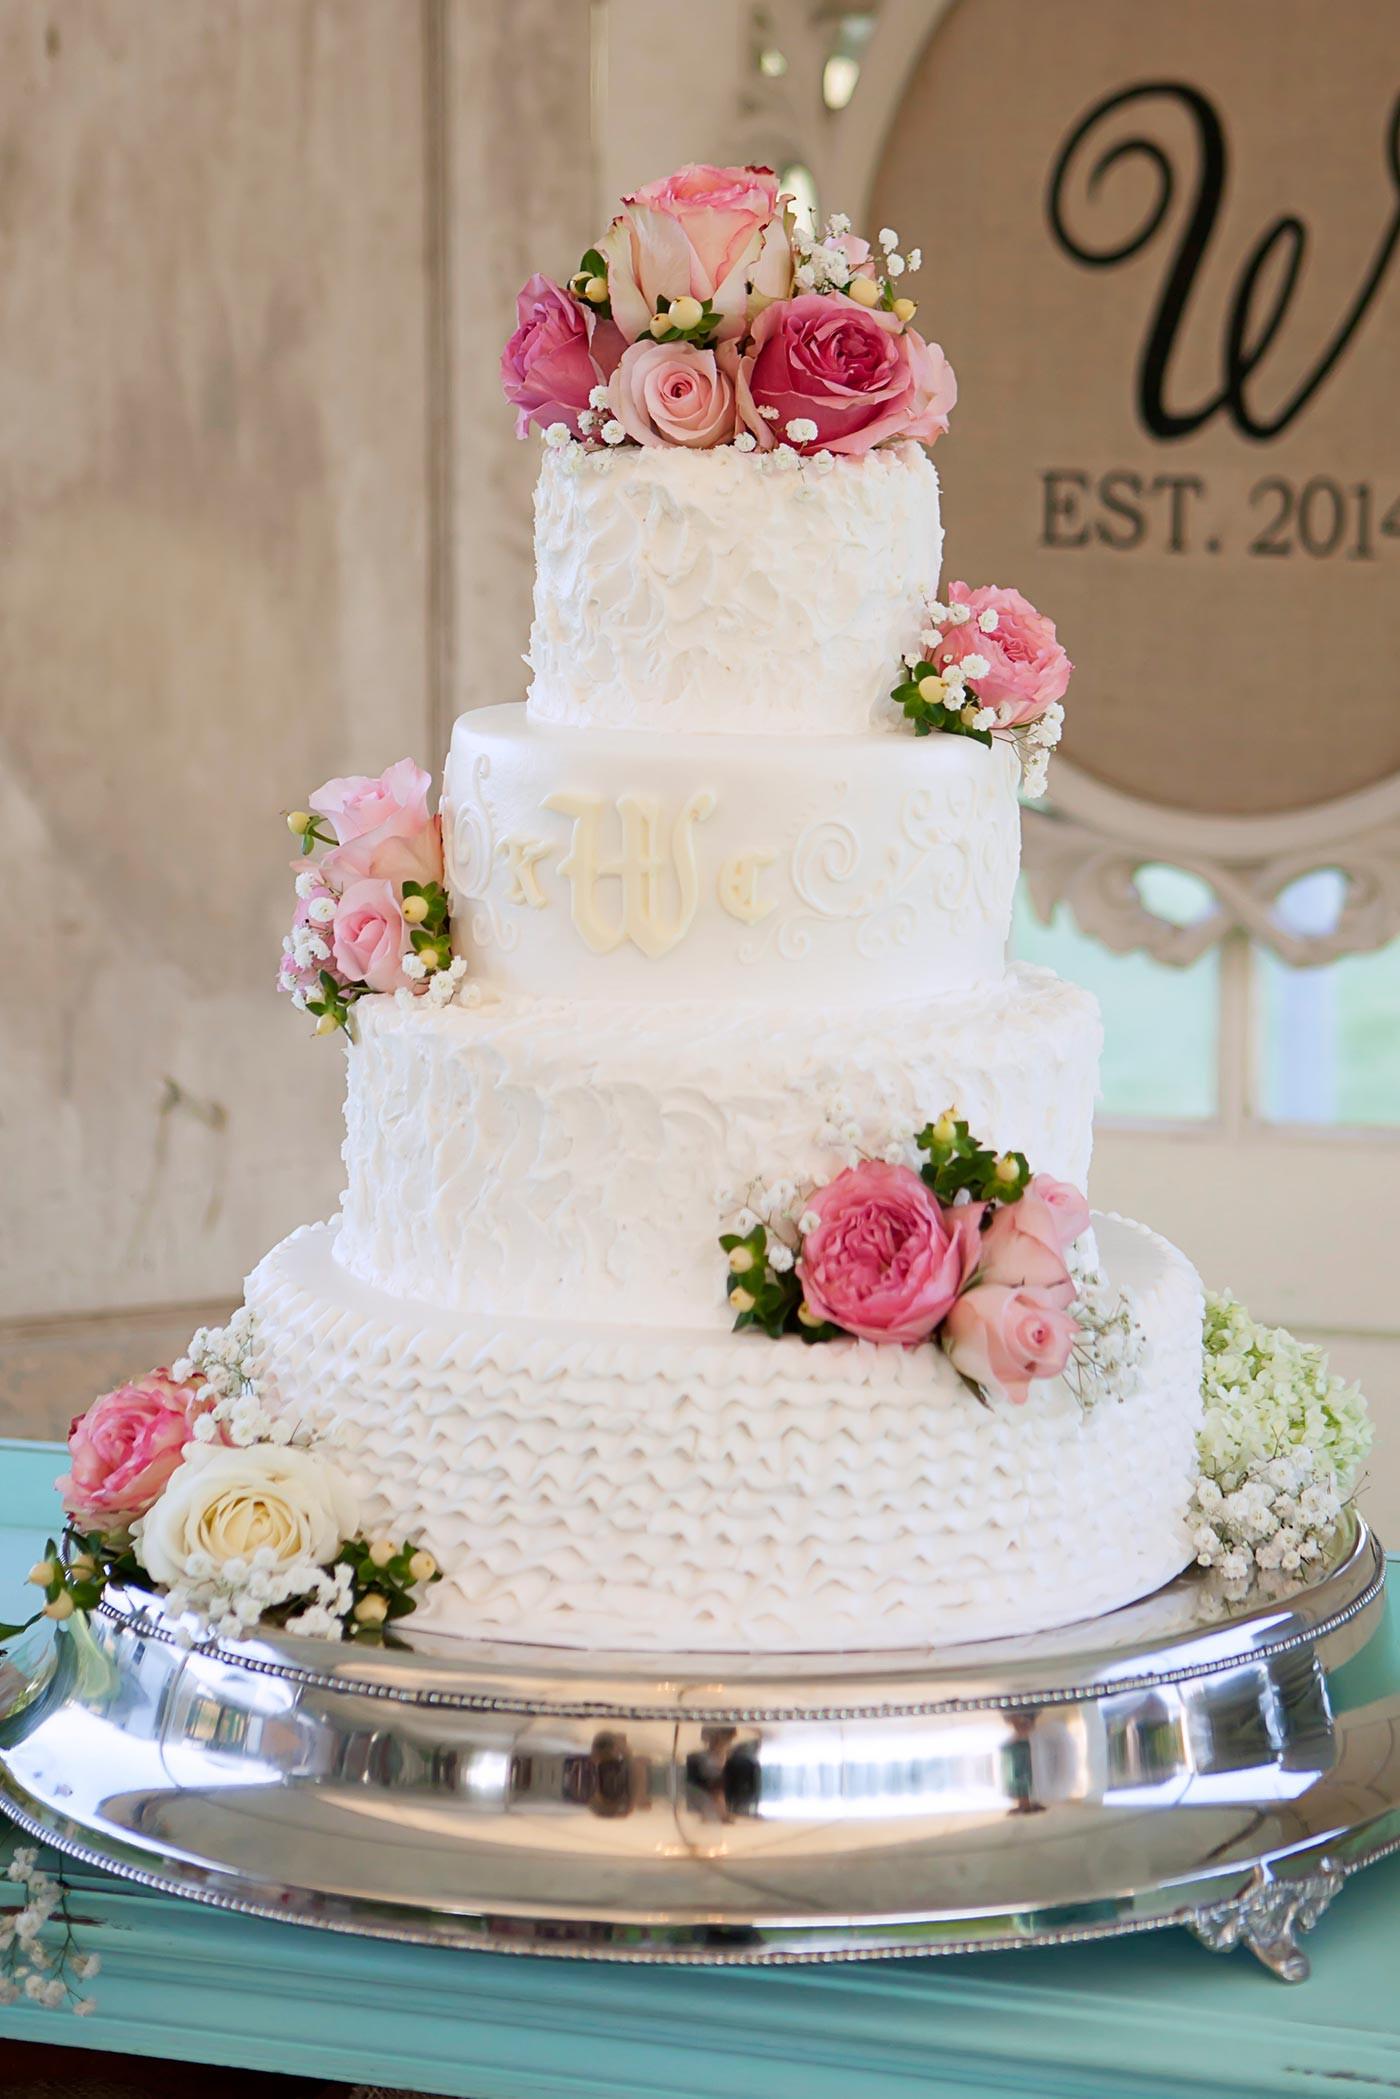 Torte Hochzeit  Hochzeitstorte Echte Blumen I Inspiration für eure